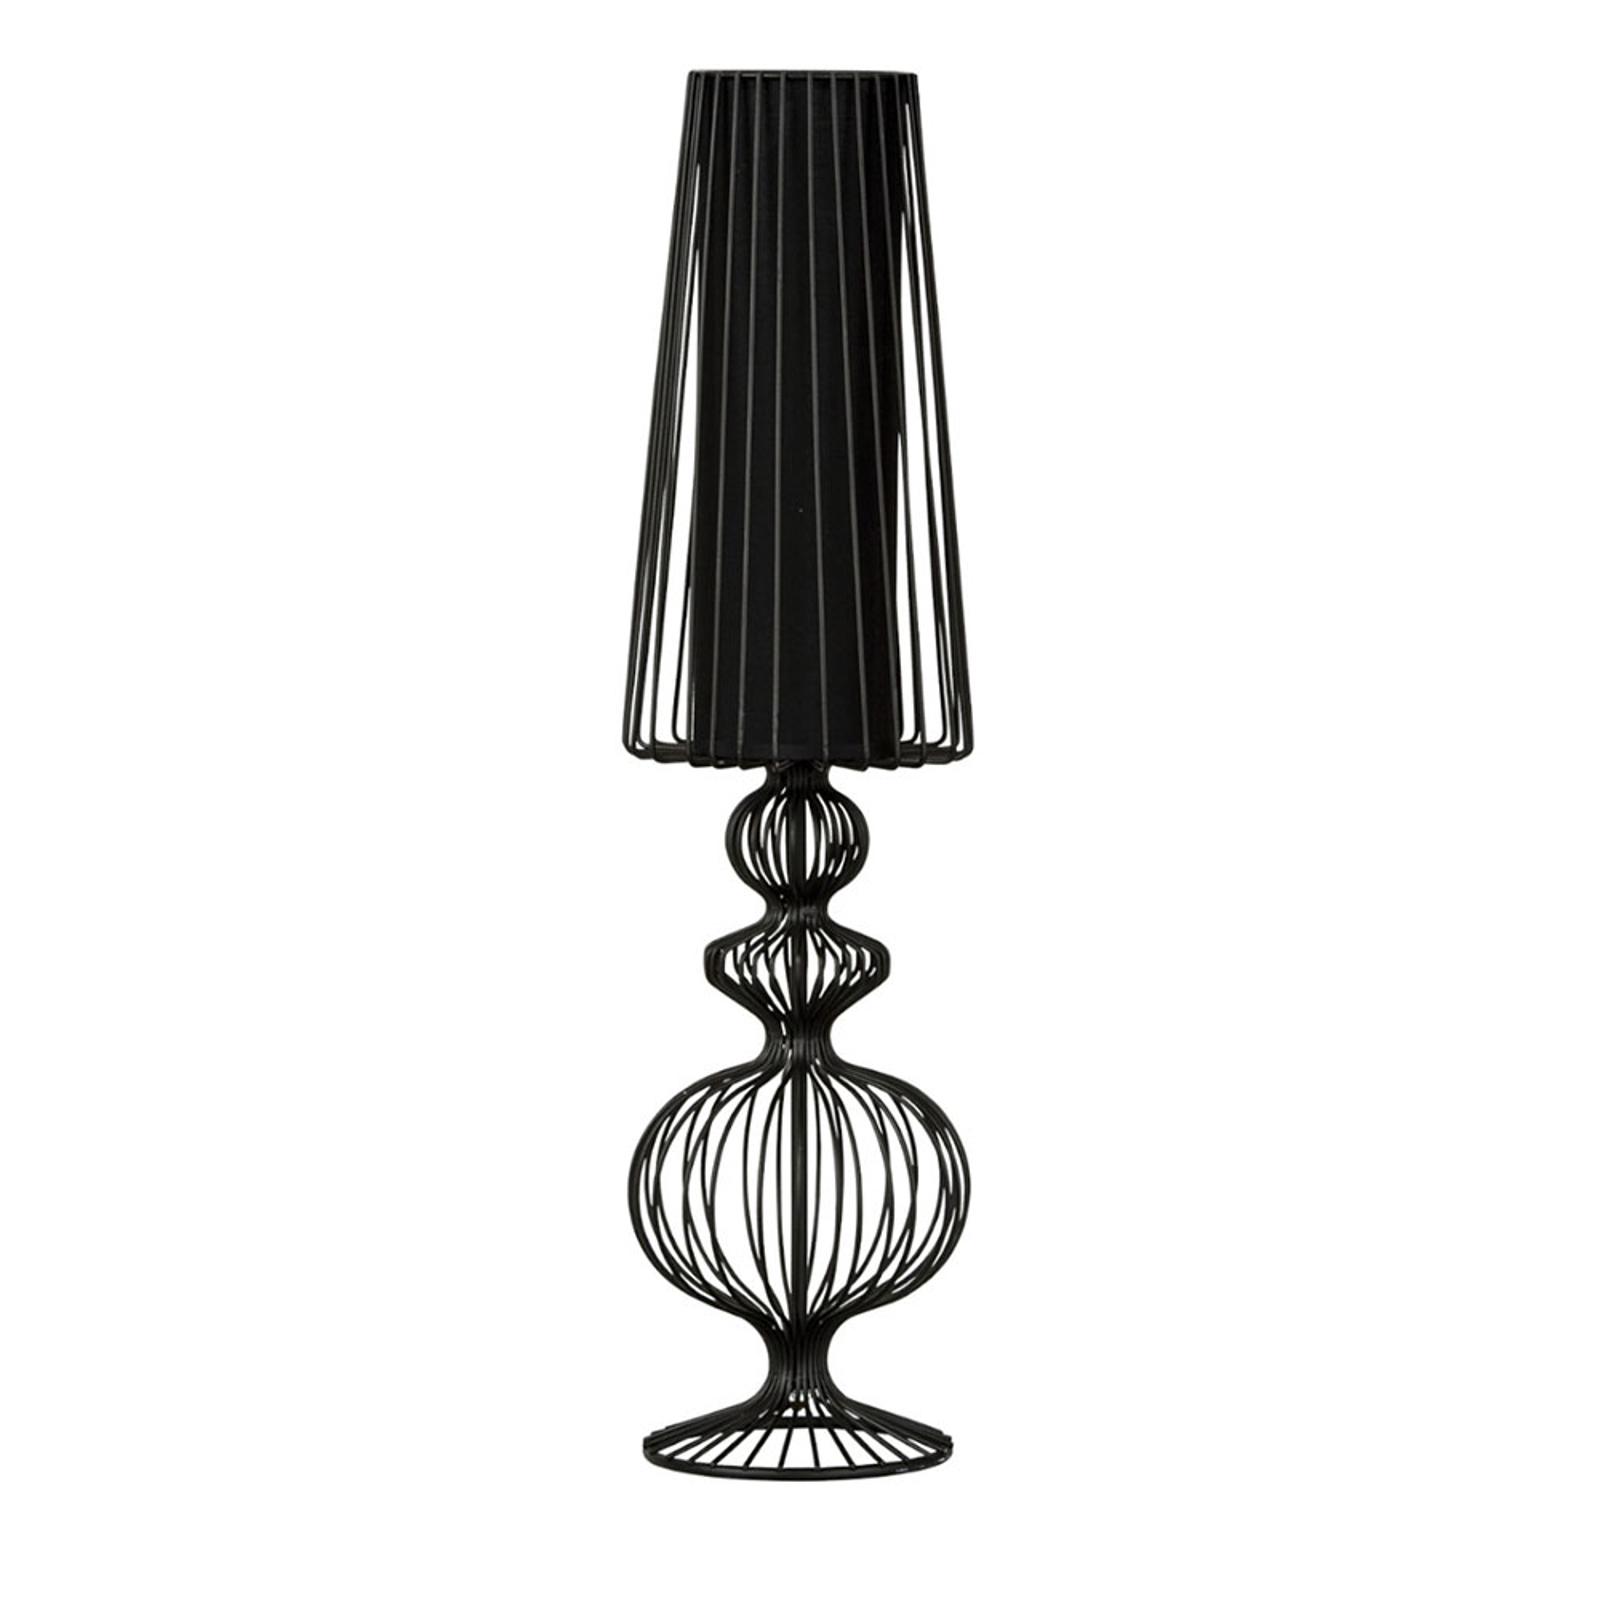 Bordlampe Aveiro L med svarte metallstenger